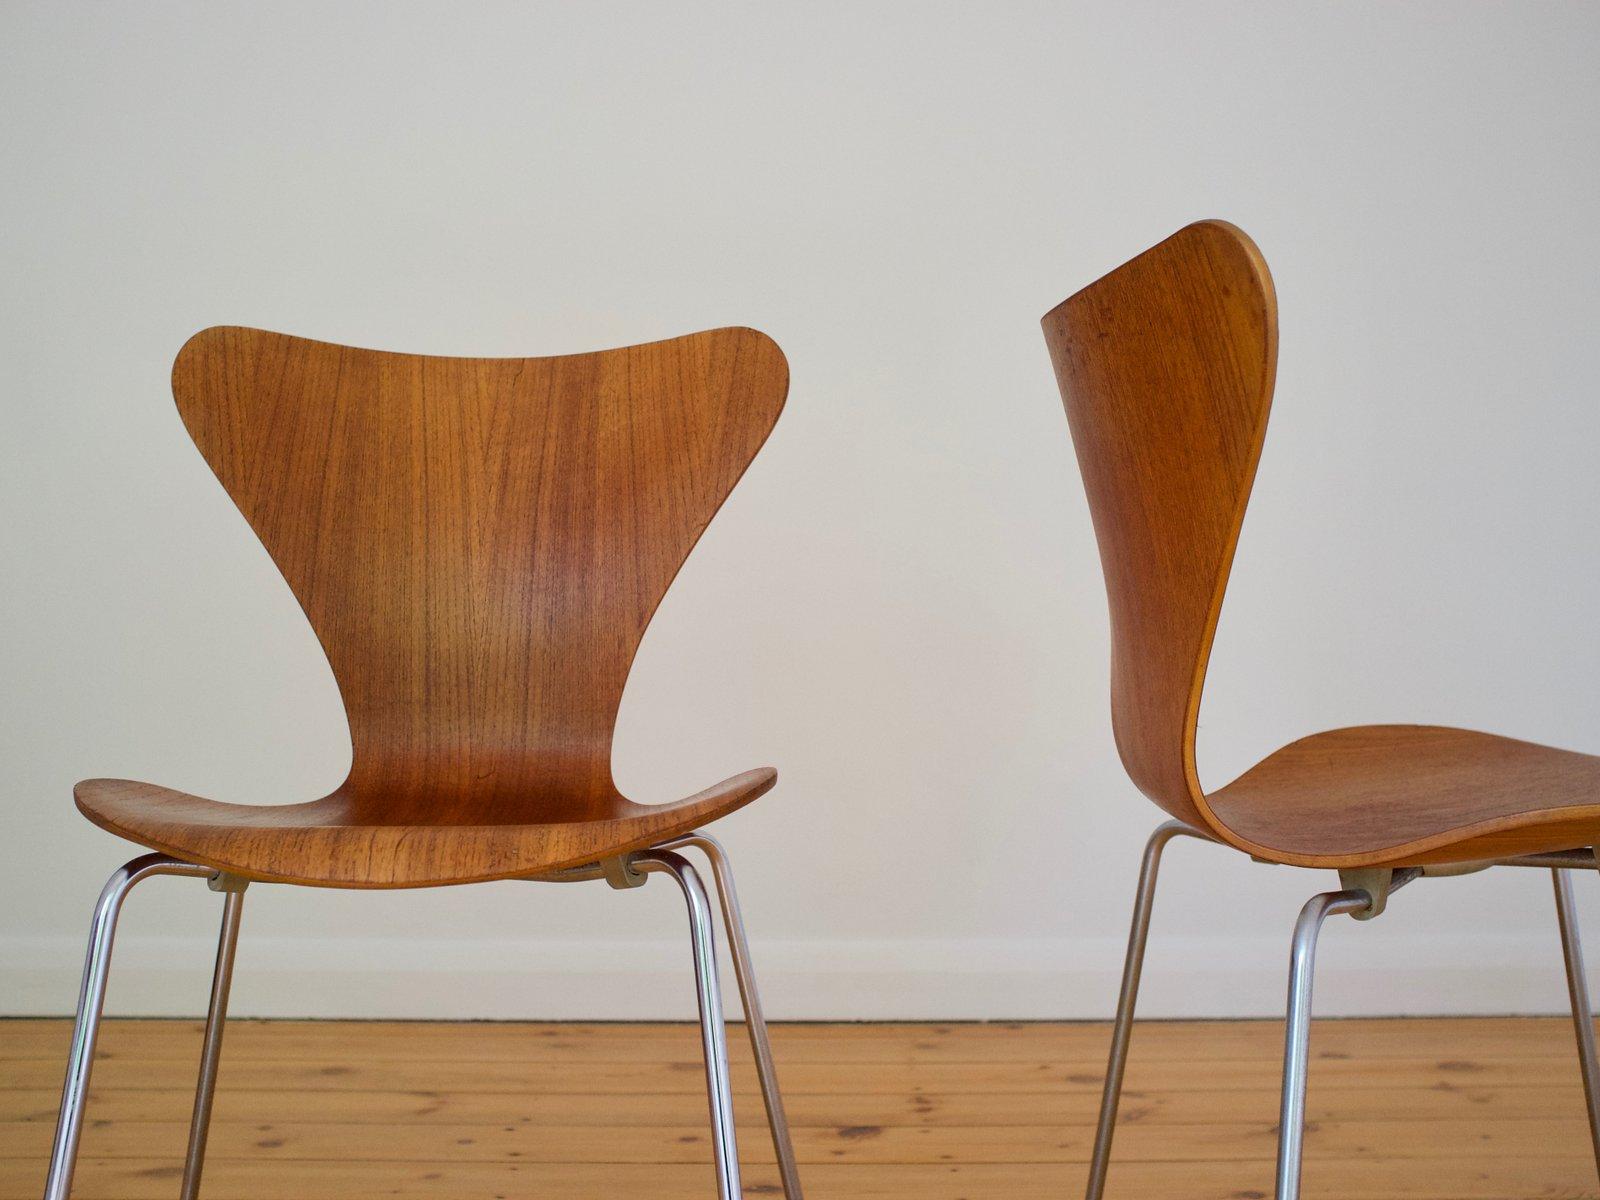 Danish 3107 Teak Chair by Arne Jacobsen for Fritz Hansen 1965 for